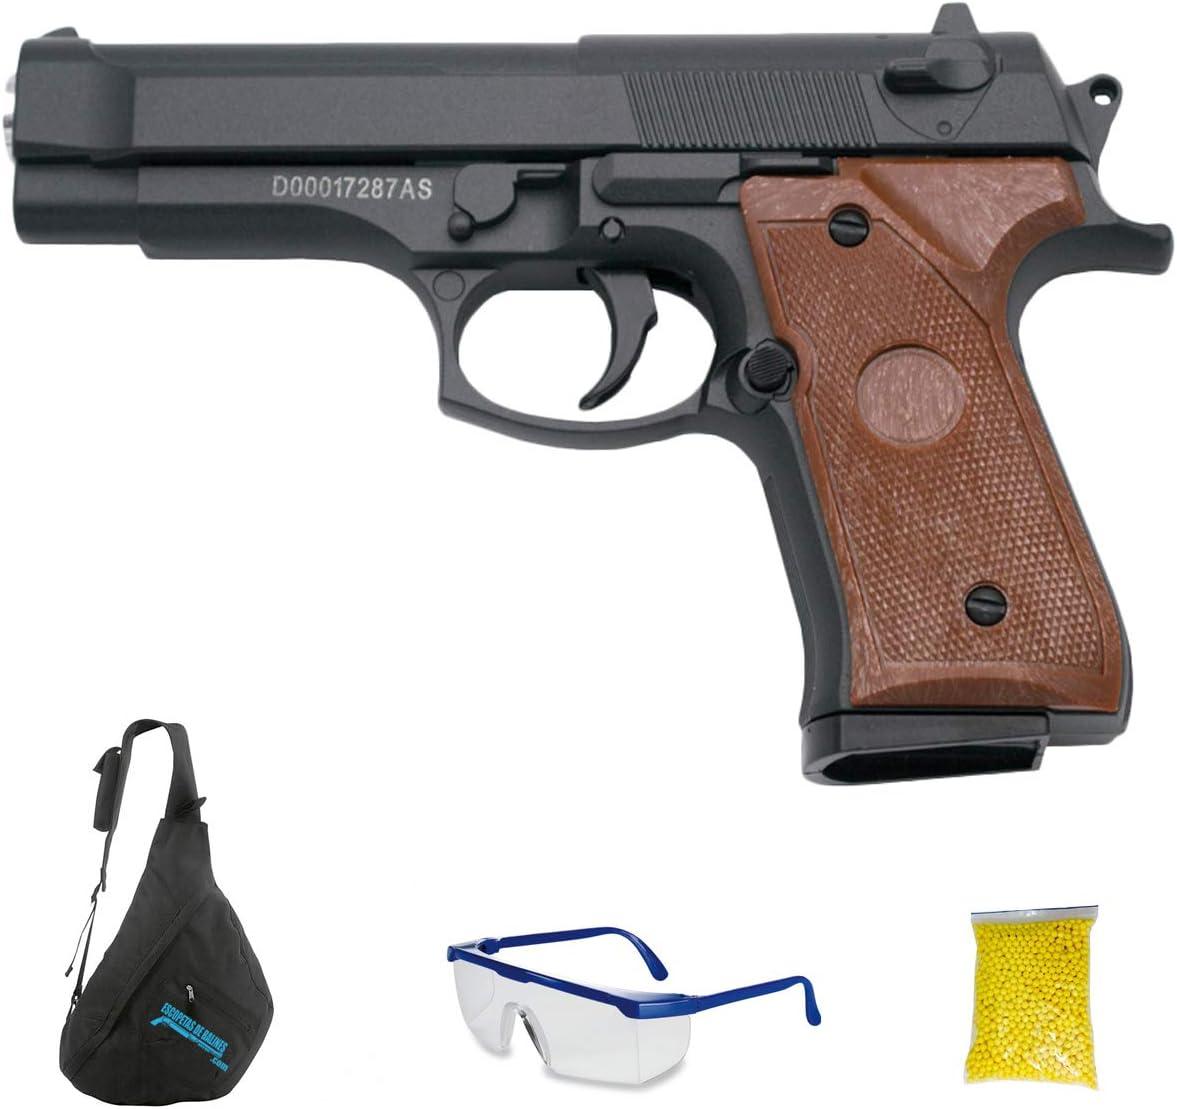 Galaxy G22 (6mm - Pistola de Airsoft Calibre 6mm (Arma Aire Suave de Bolas de plástico o PVC). Sistema: Muelle. <3,5J